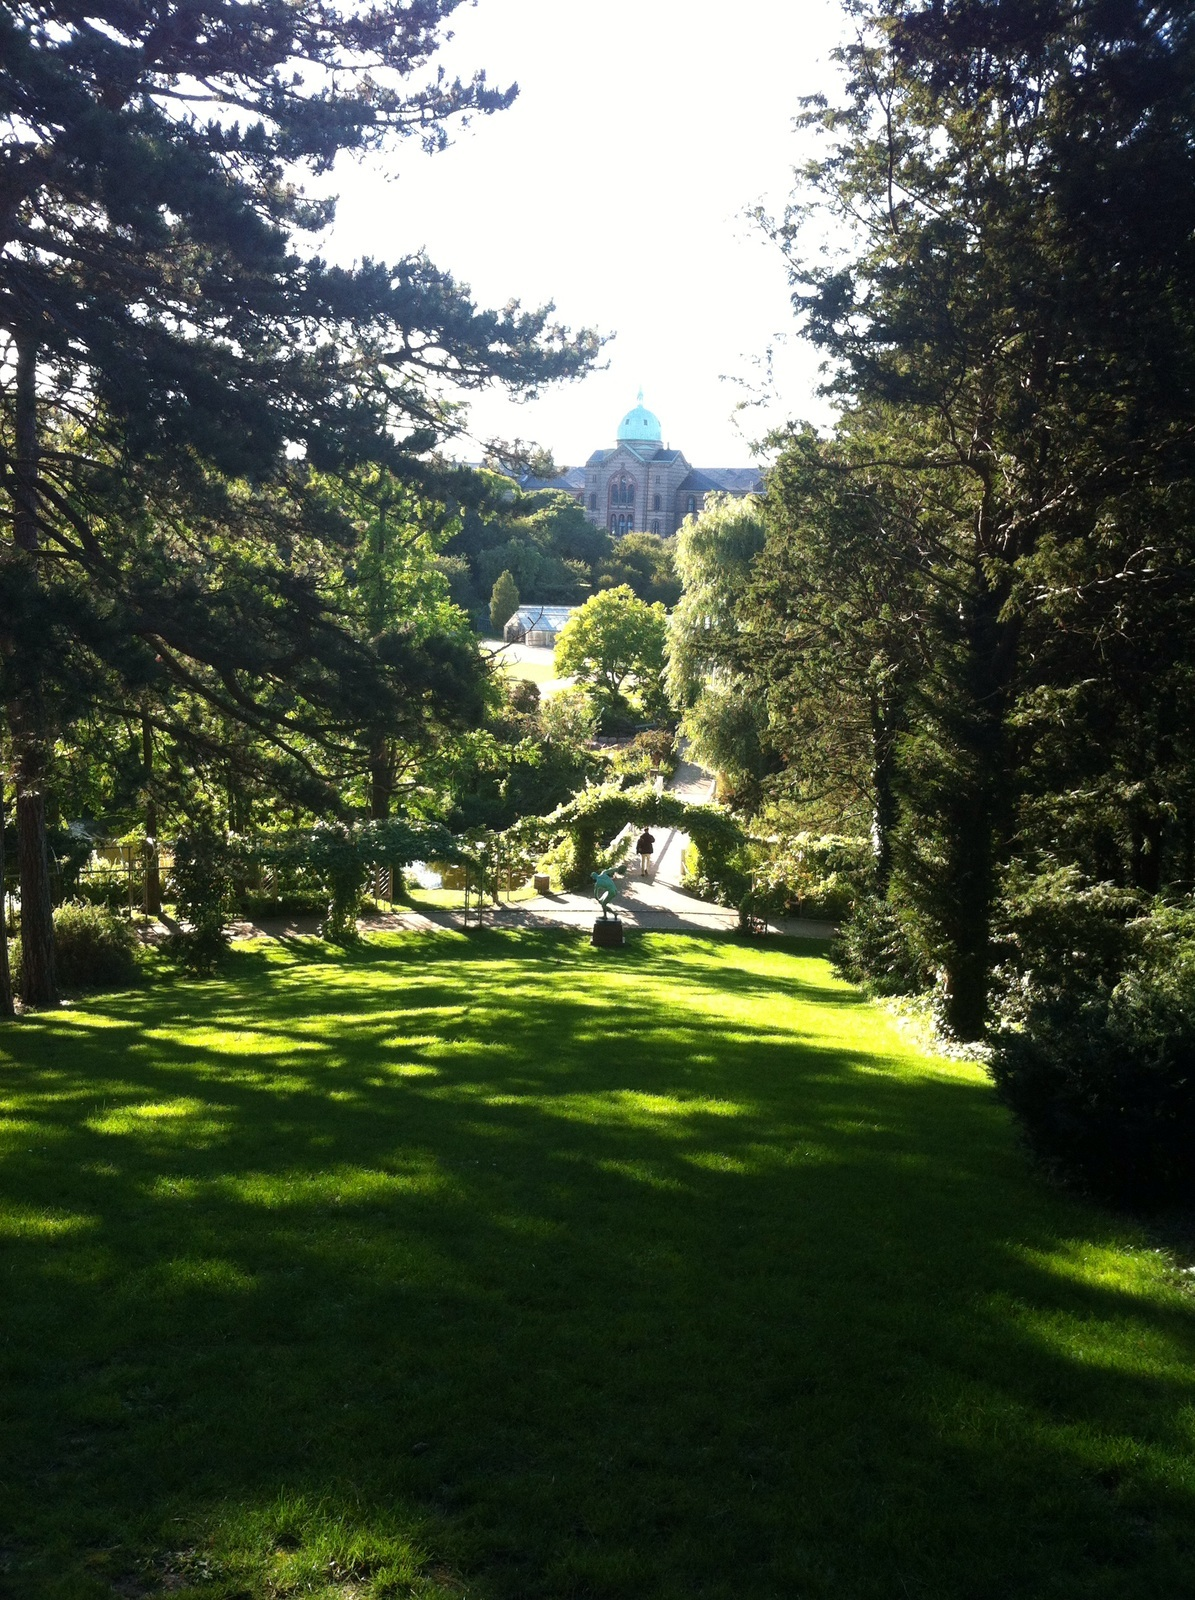 Kopenhagen Reisebericht Botanischer Garten